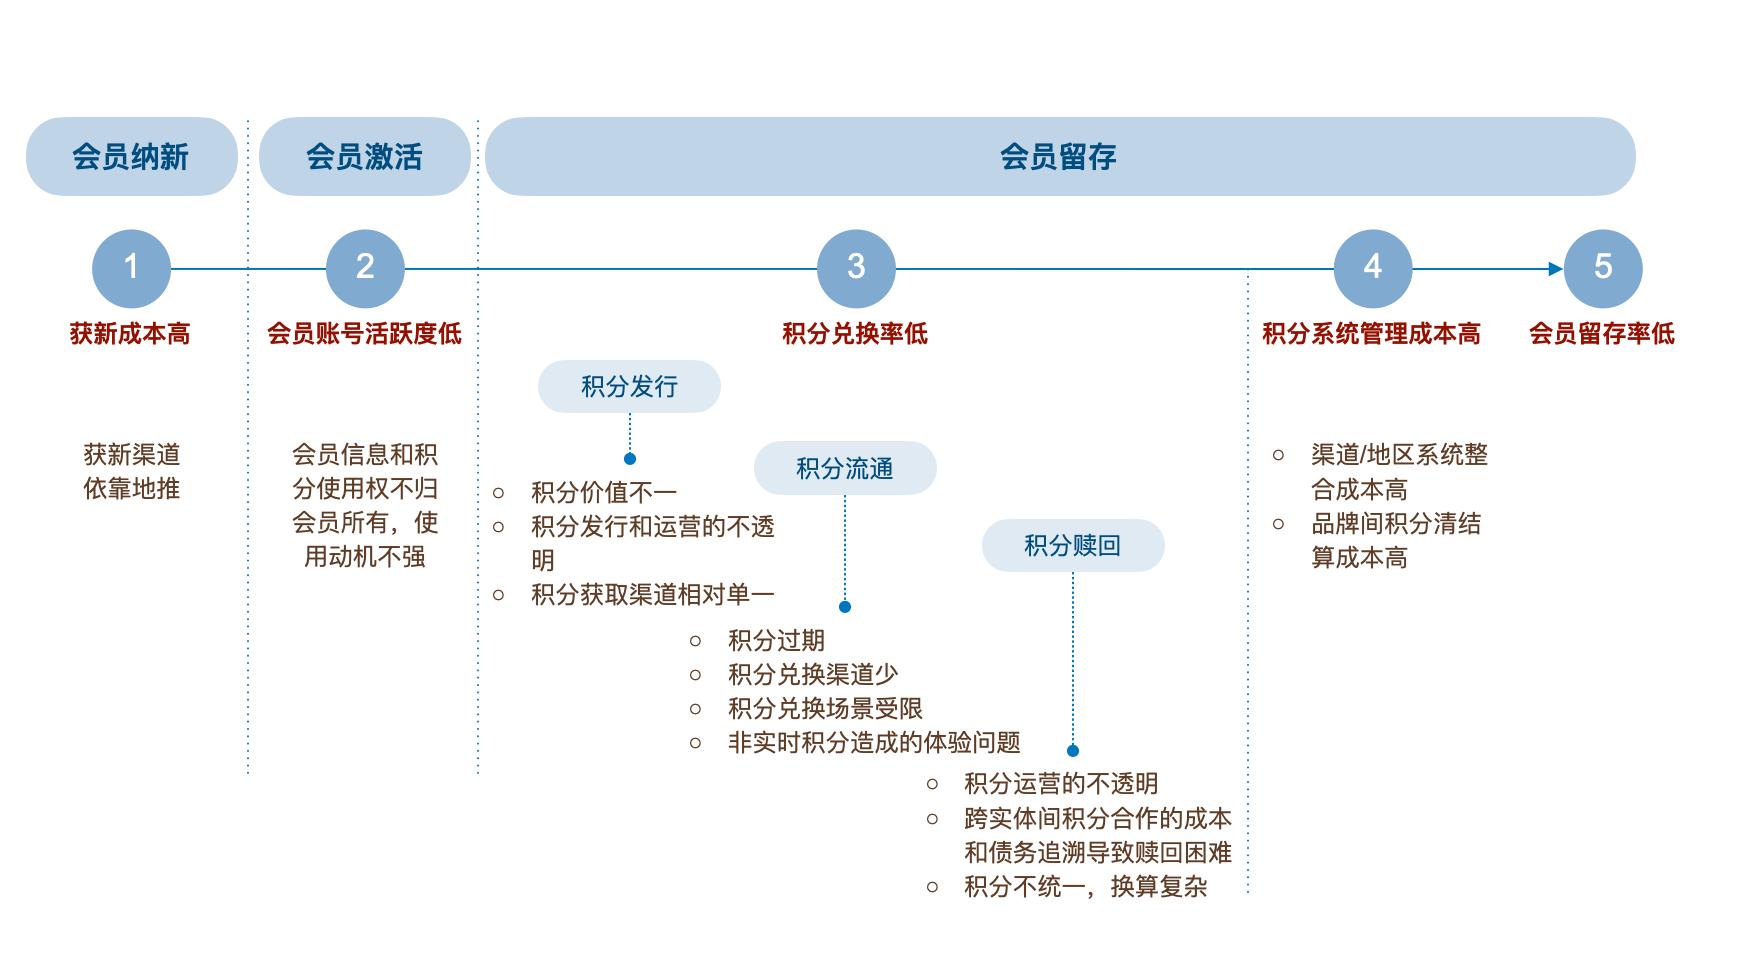 图 1:忠诚度奖励计划面临的问题与挑战.png